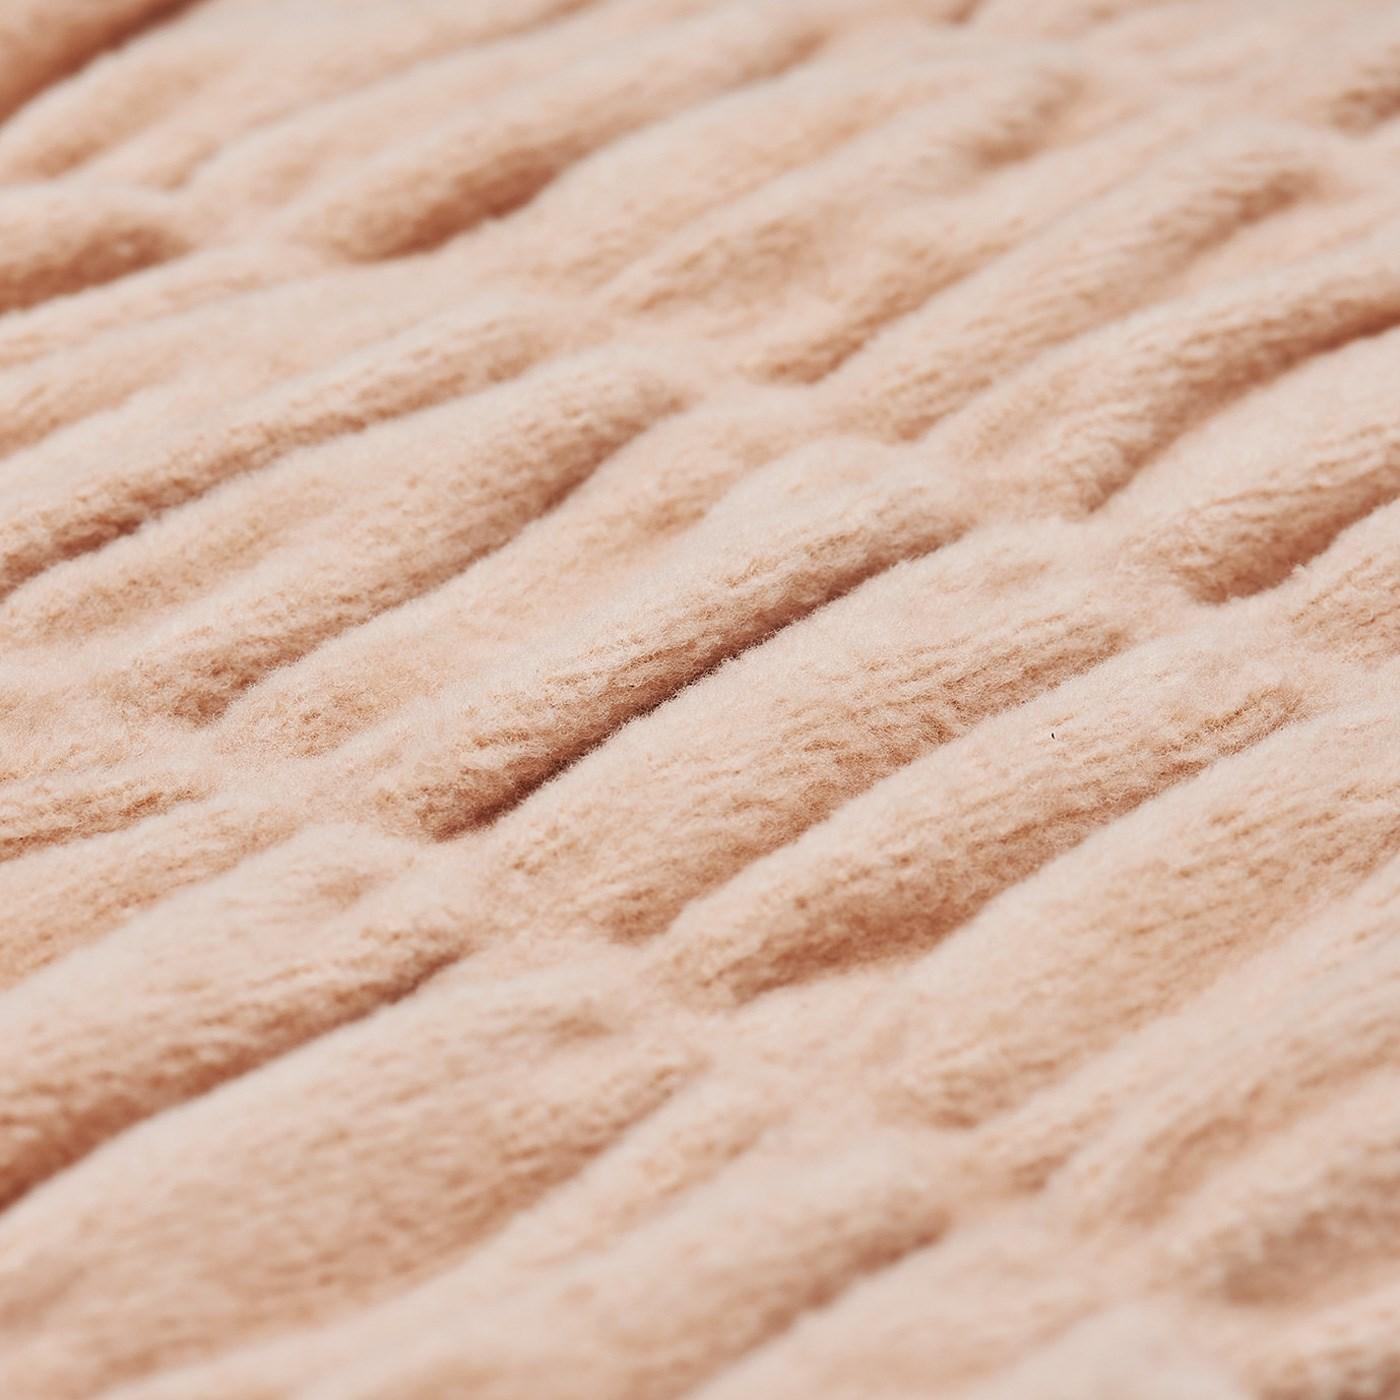 生地にシャーリング加工をほどこして凹凸をつけることで、暖かい空気を逃しません。